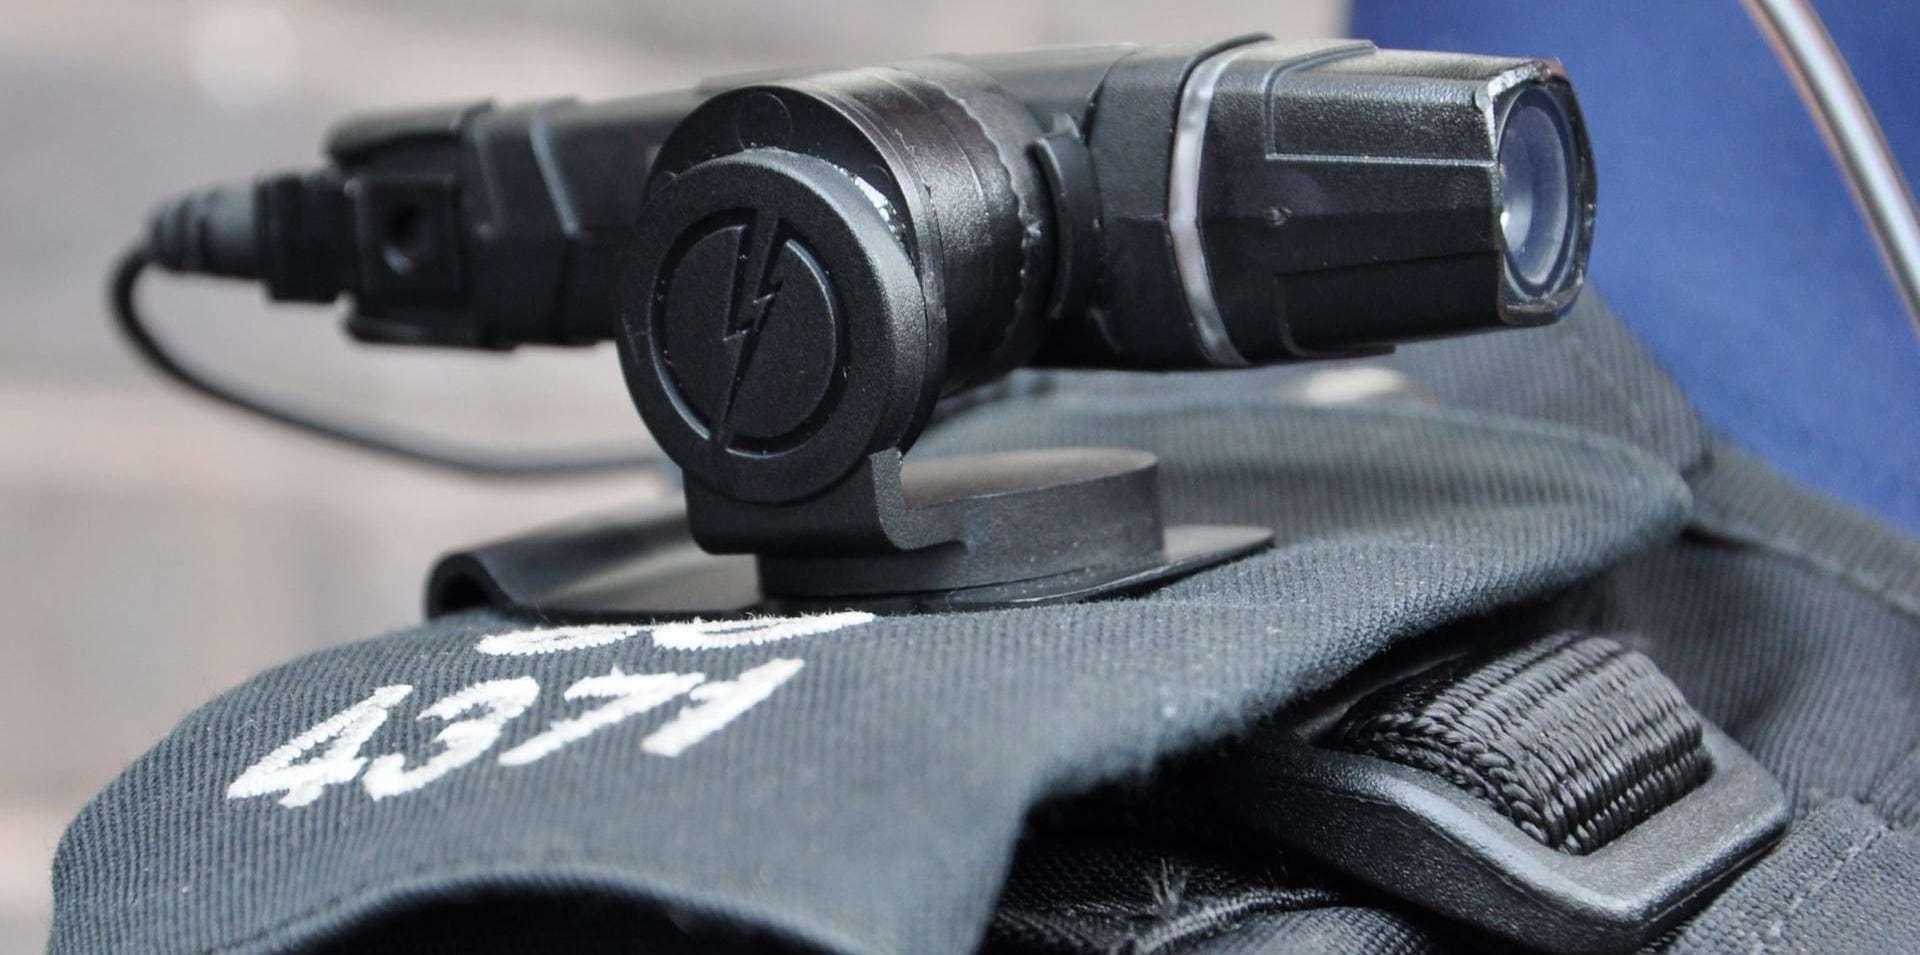 英国每天发生200起伤医事件!医护人员将配戴可穿戴摄像机上岗